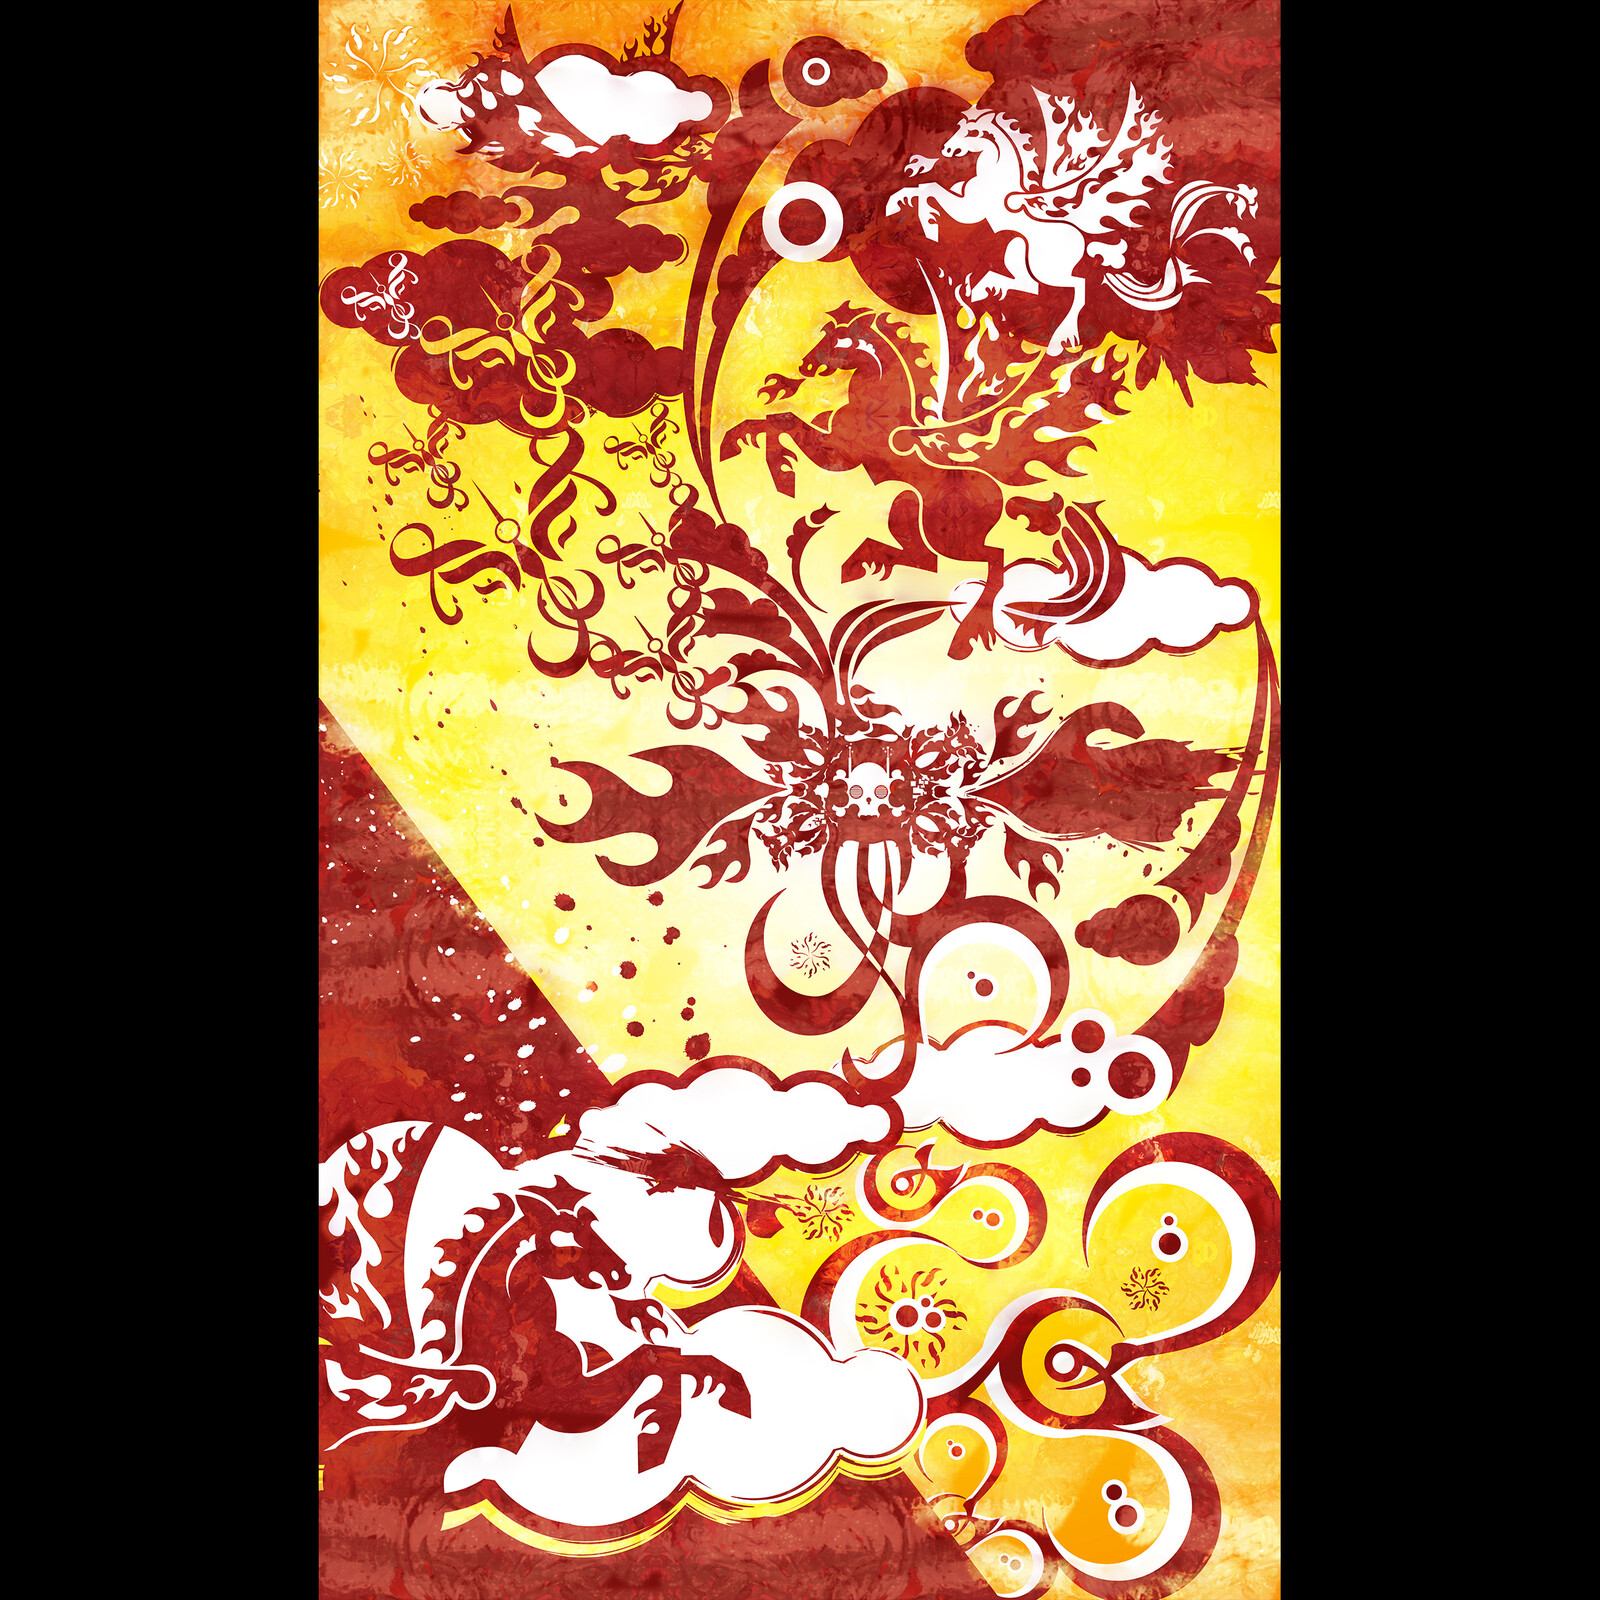 pegasus graphic illustration